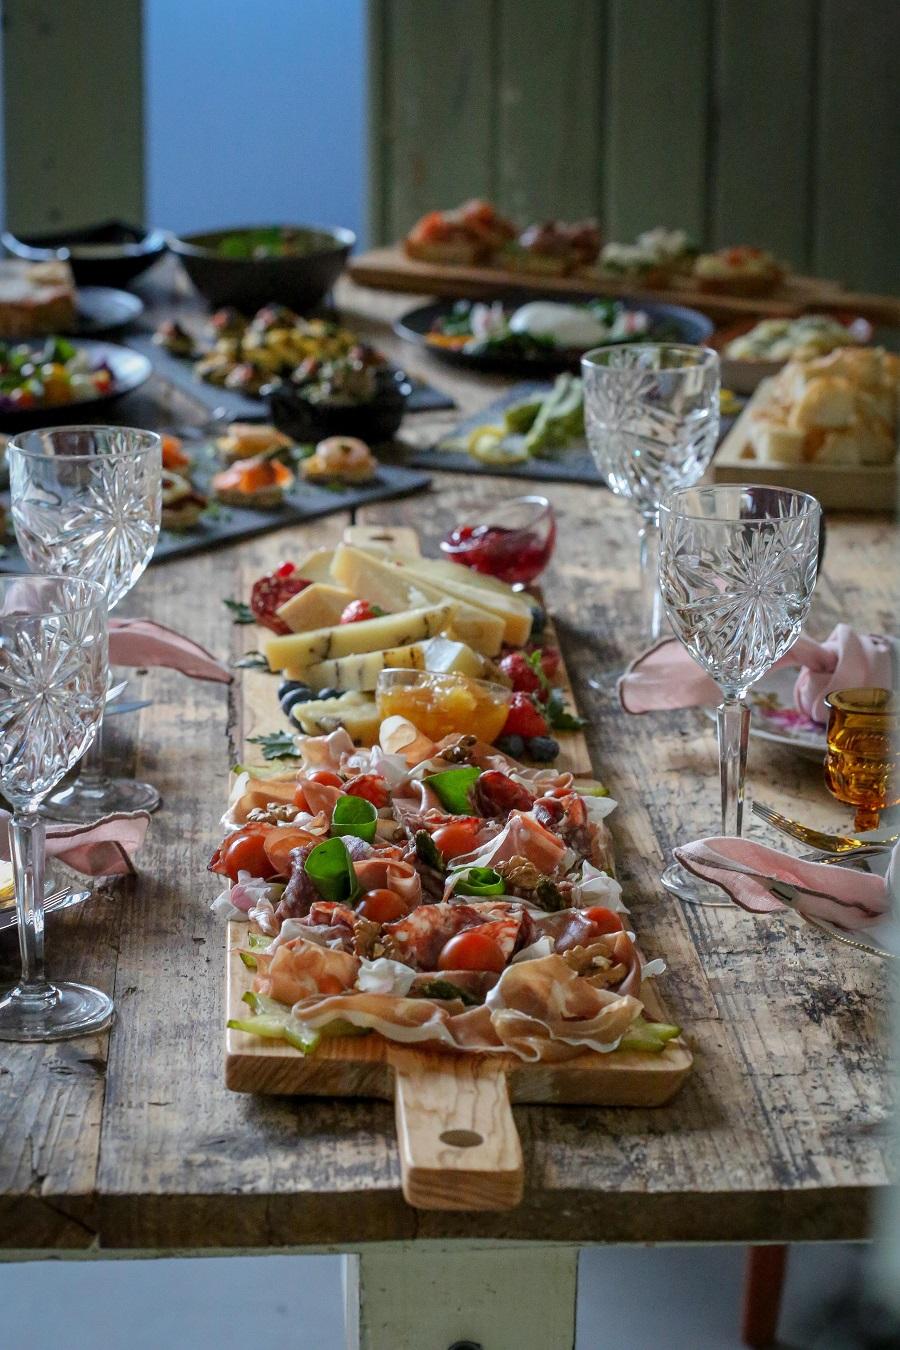 alba catering italiensk kokekunst oslo viken bærum nordre follo romerike leie kokk private chef